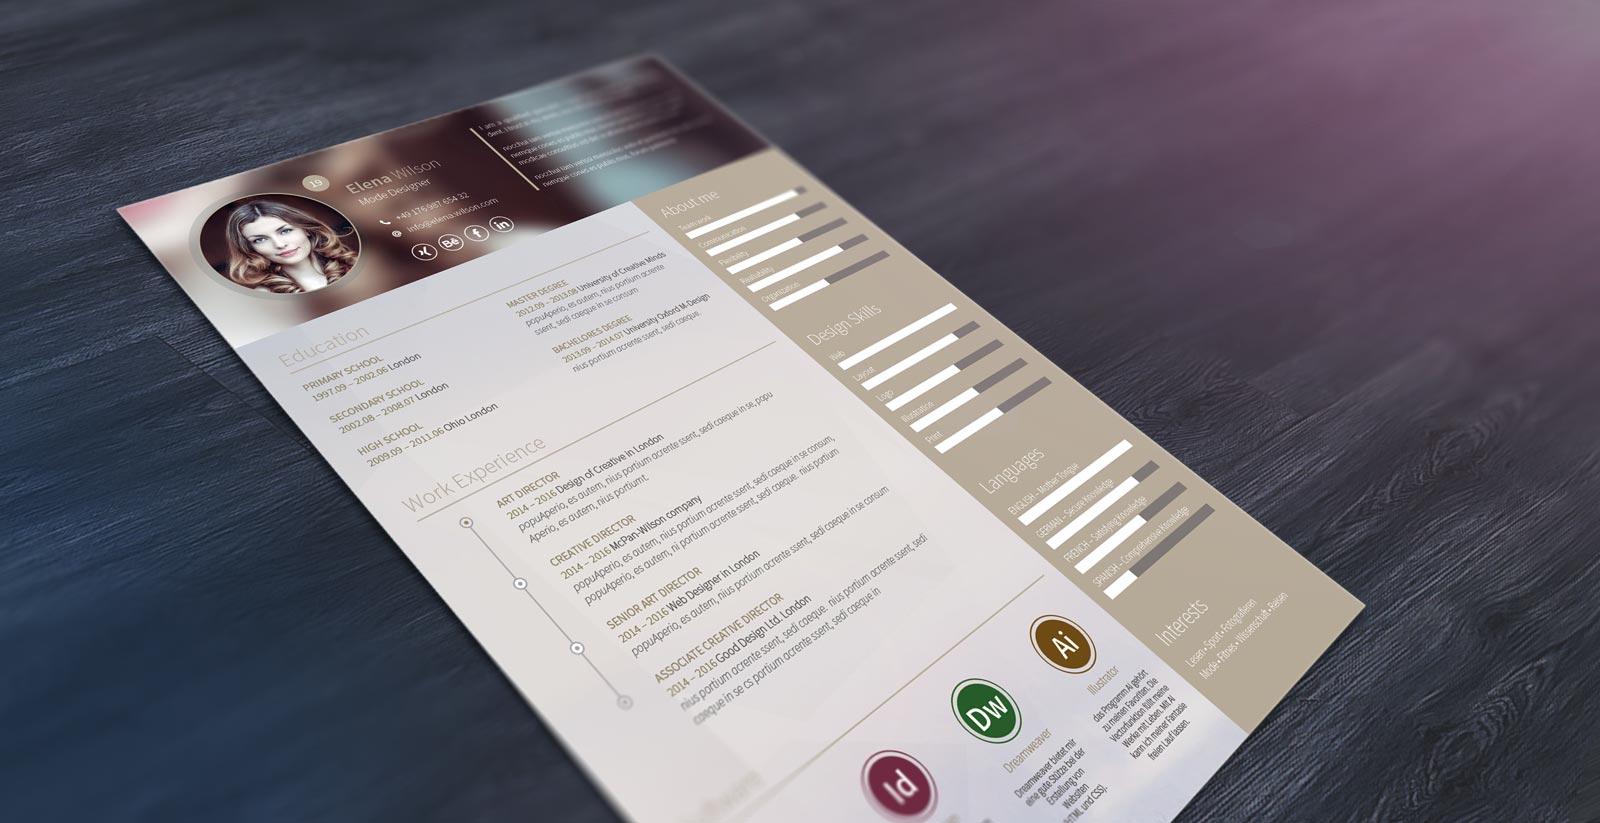 Topdesign24 | Lebenslauf Design 2017 - Kostenlos Downloaden